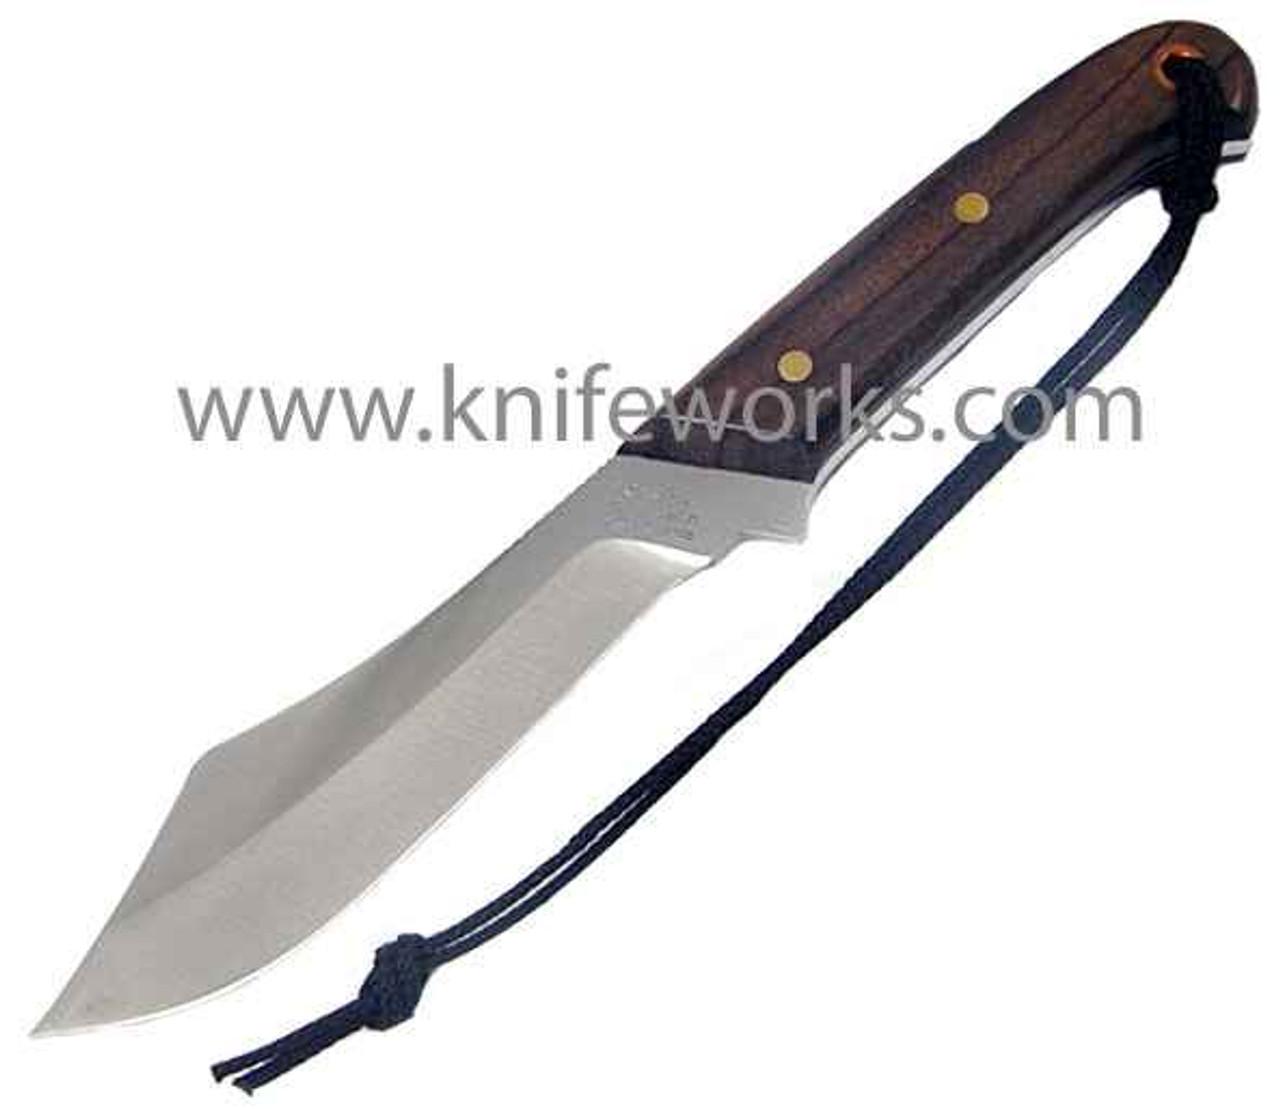 Grohmann Deer and Moose Knife, Rosewood handle